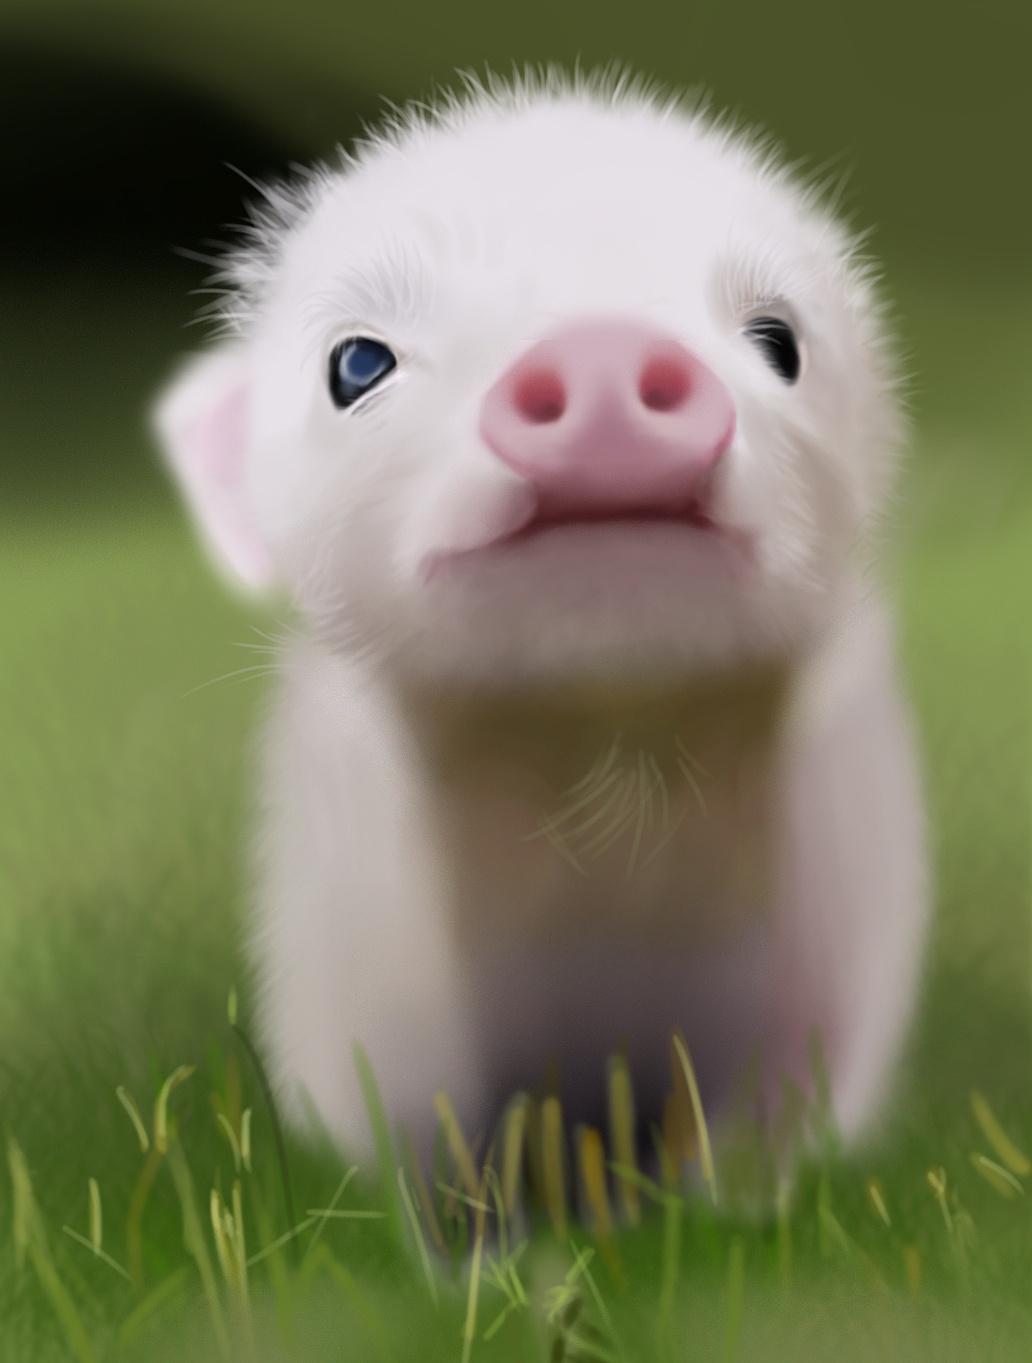 手工制作小猪动物牙齿